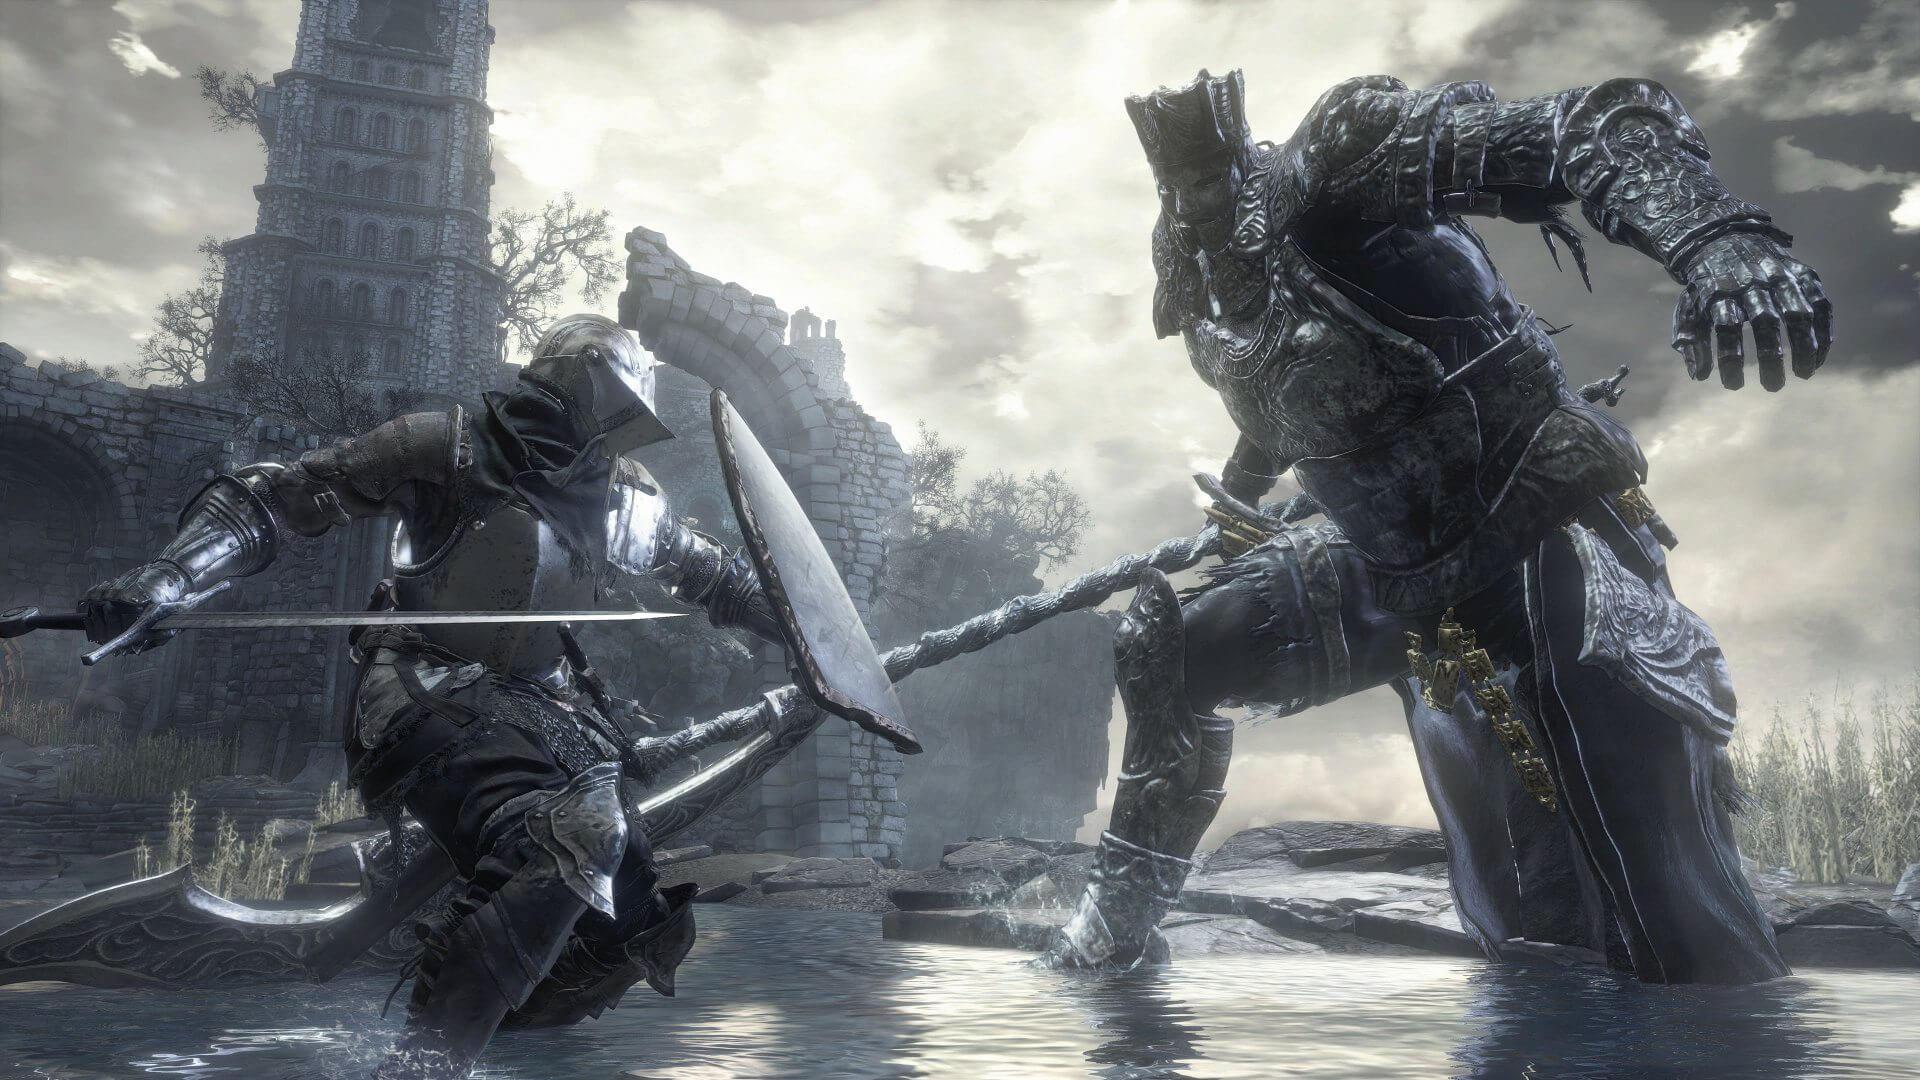 dark souls 3 bosses - Preparado para o game-over? Dark Souls III será lançado amanhã no Brasil